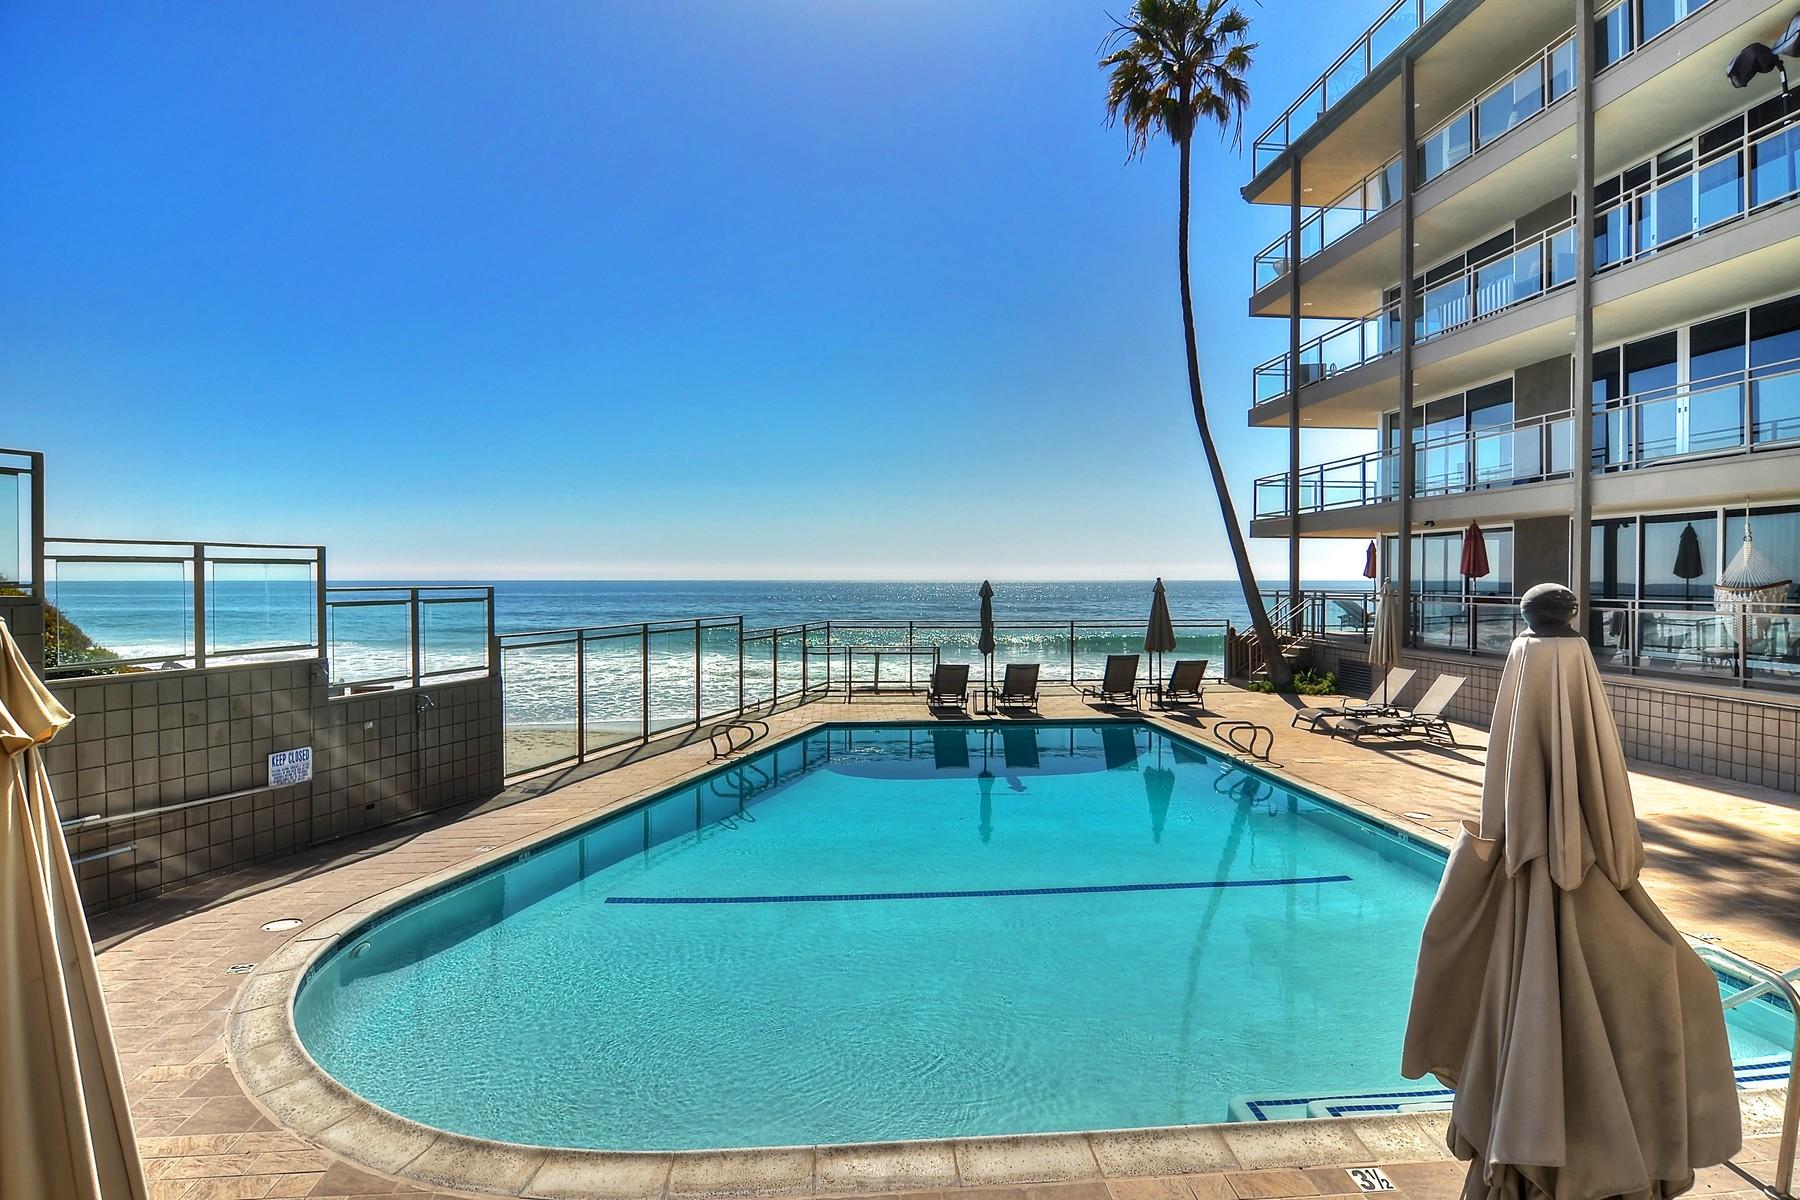 Condominium for Sale at 1585 South Coast Highway #4 Laguna Beach, California, 92651 United States